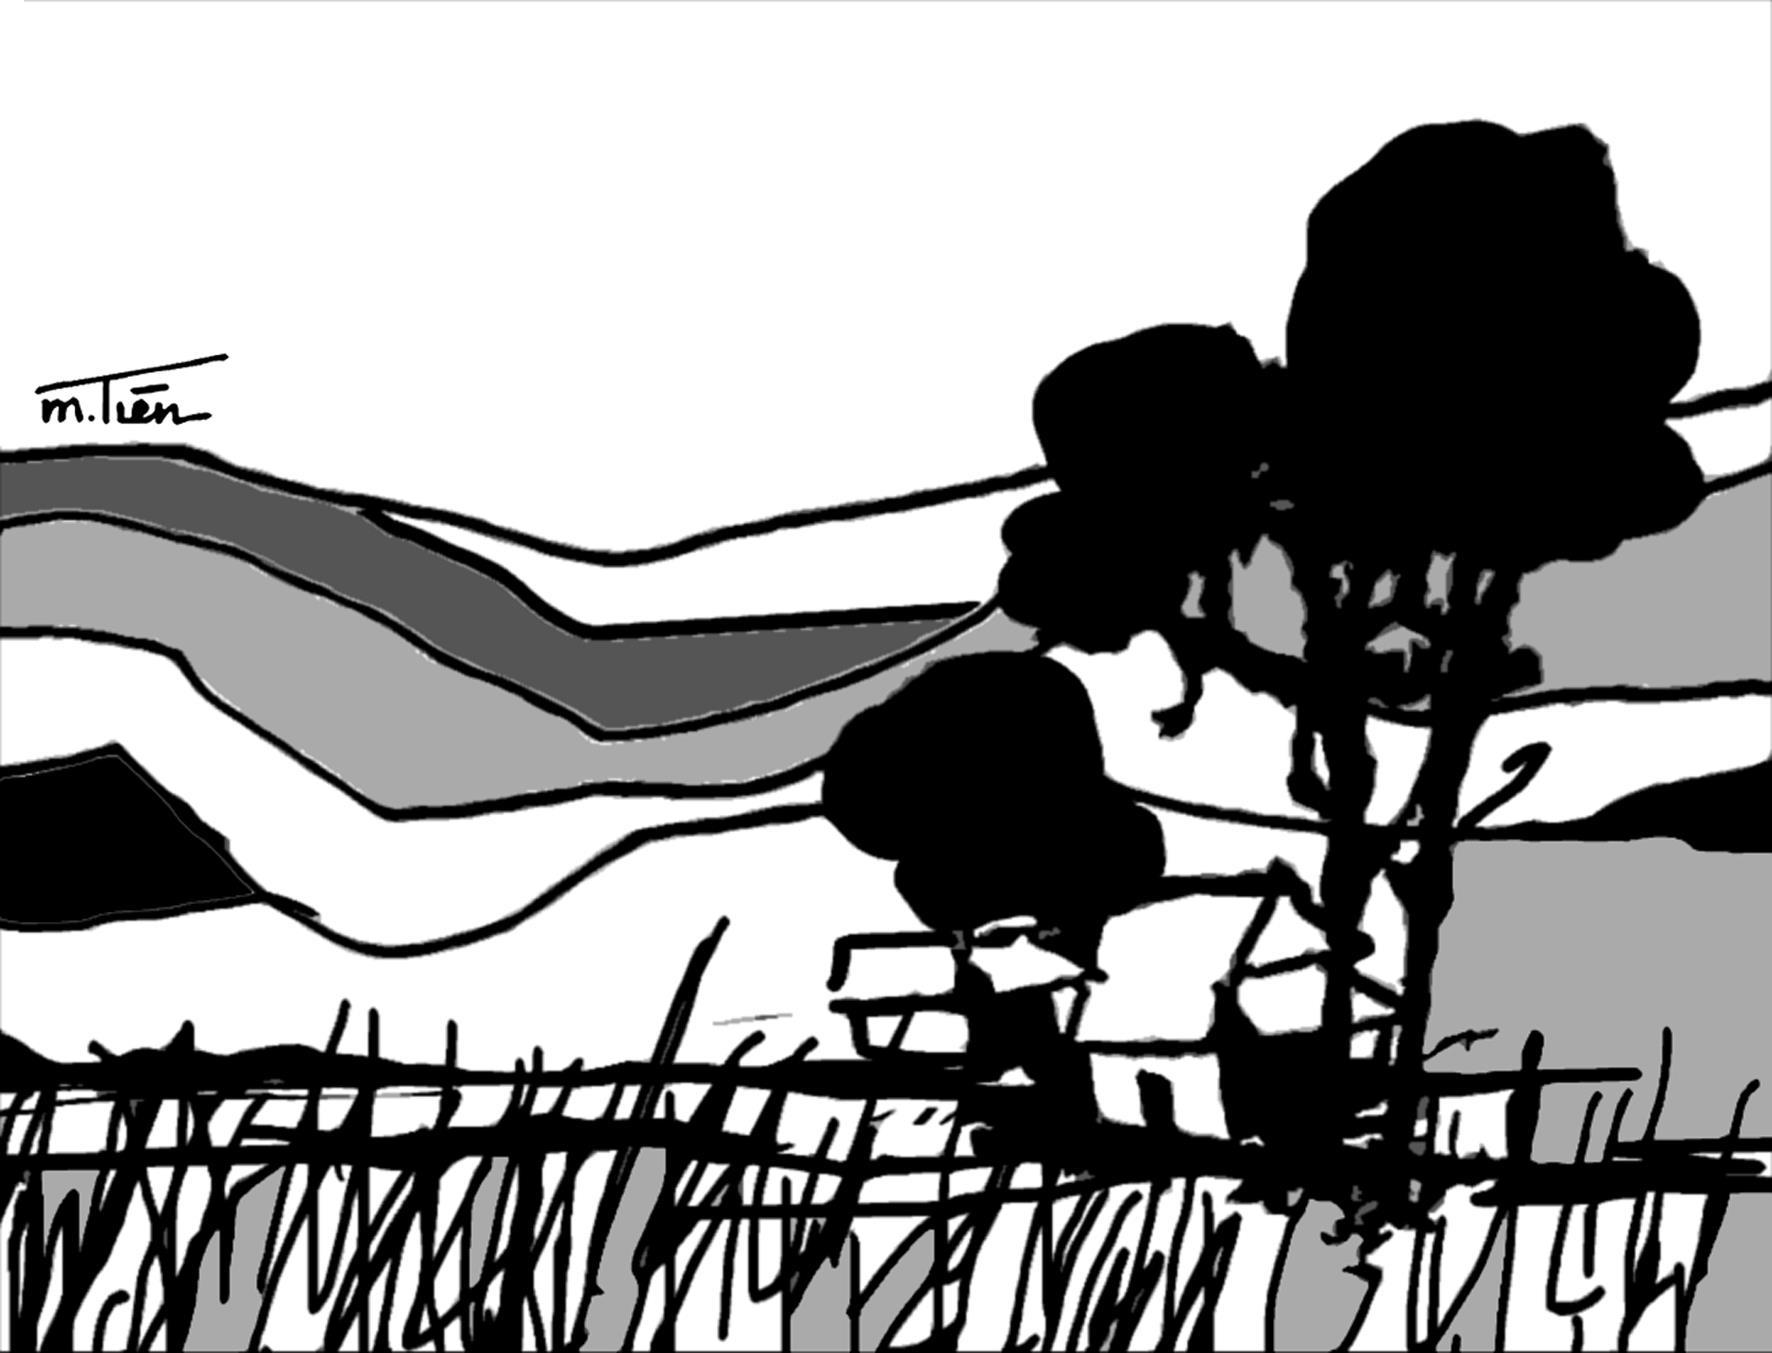 Nẻo về cỏ may Ảnh 1